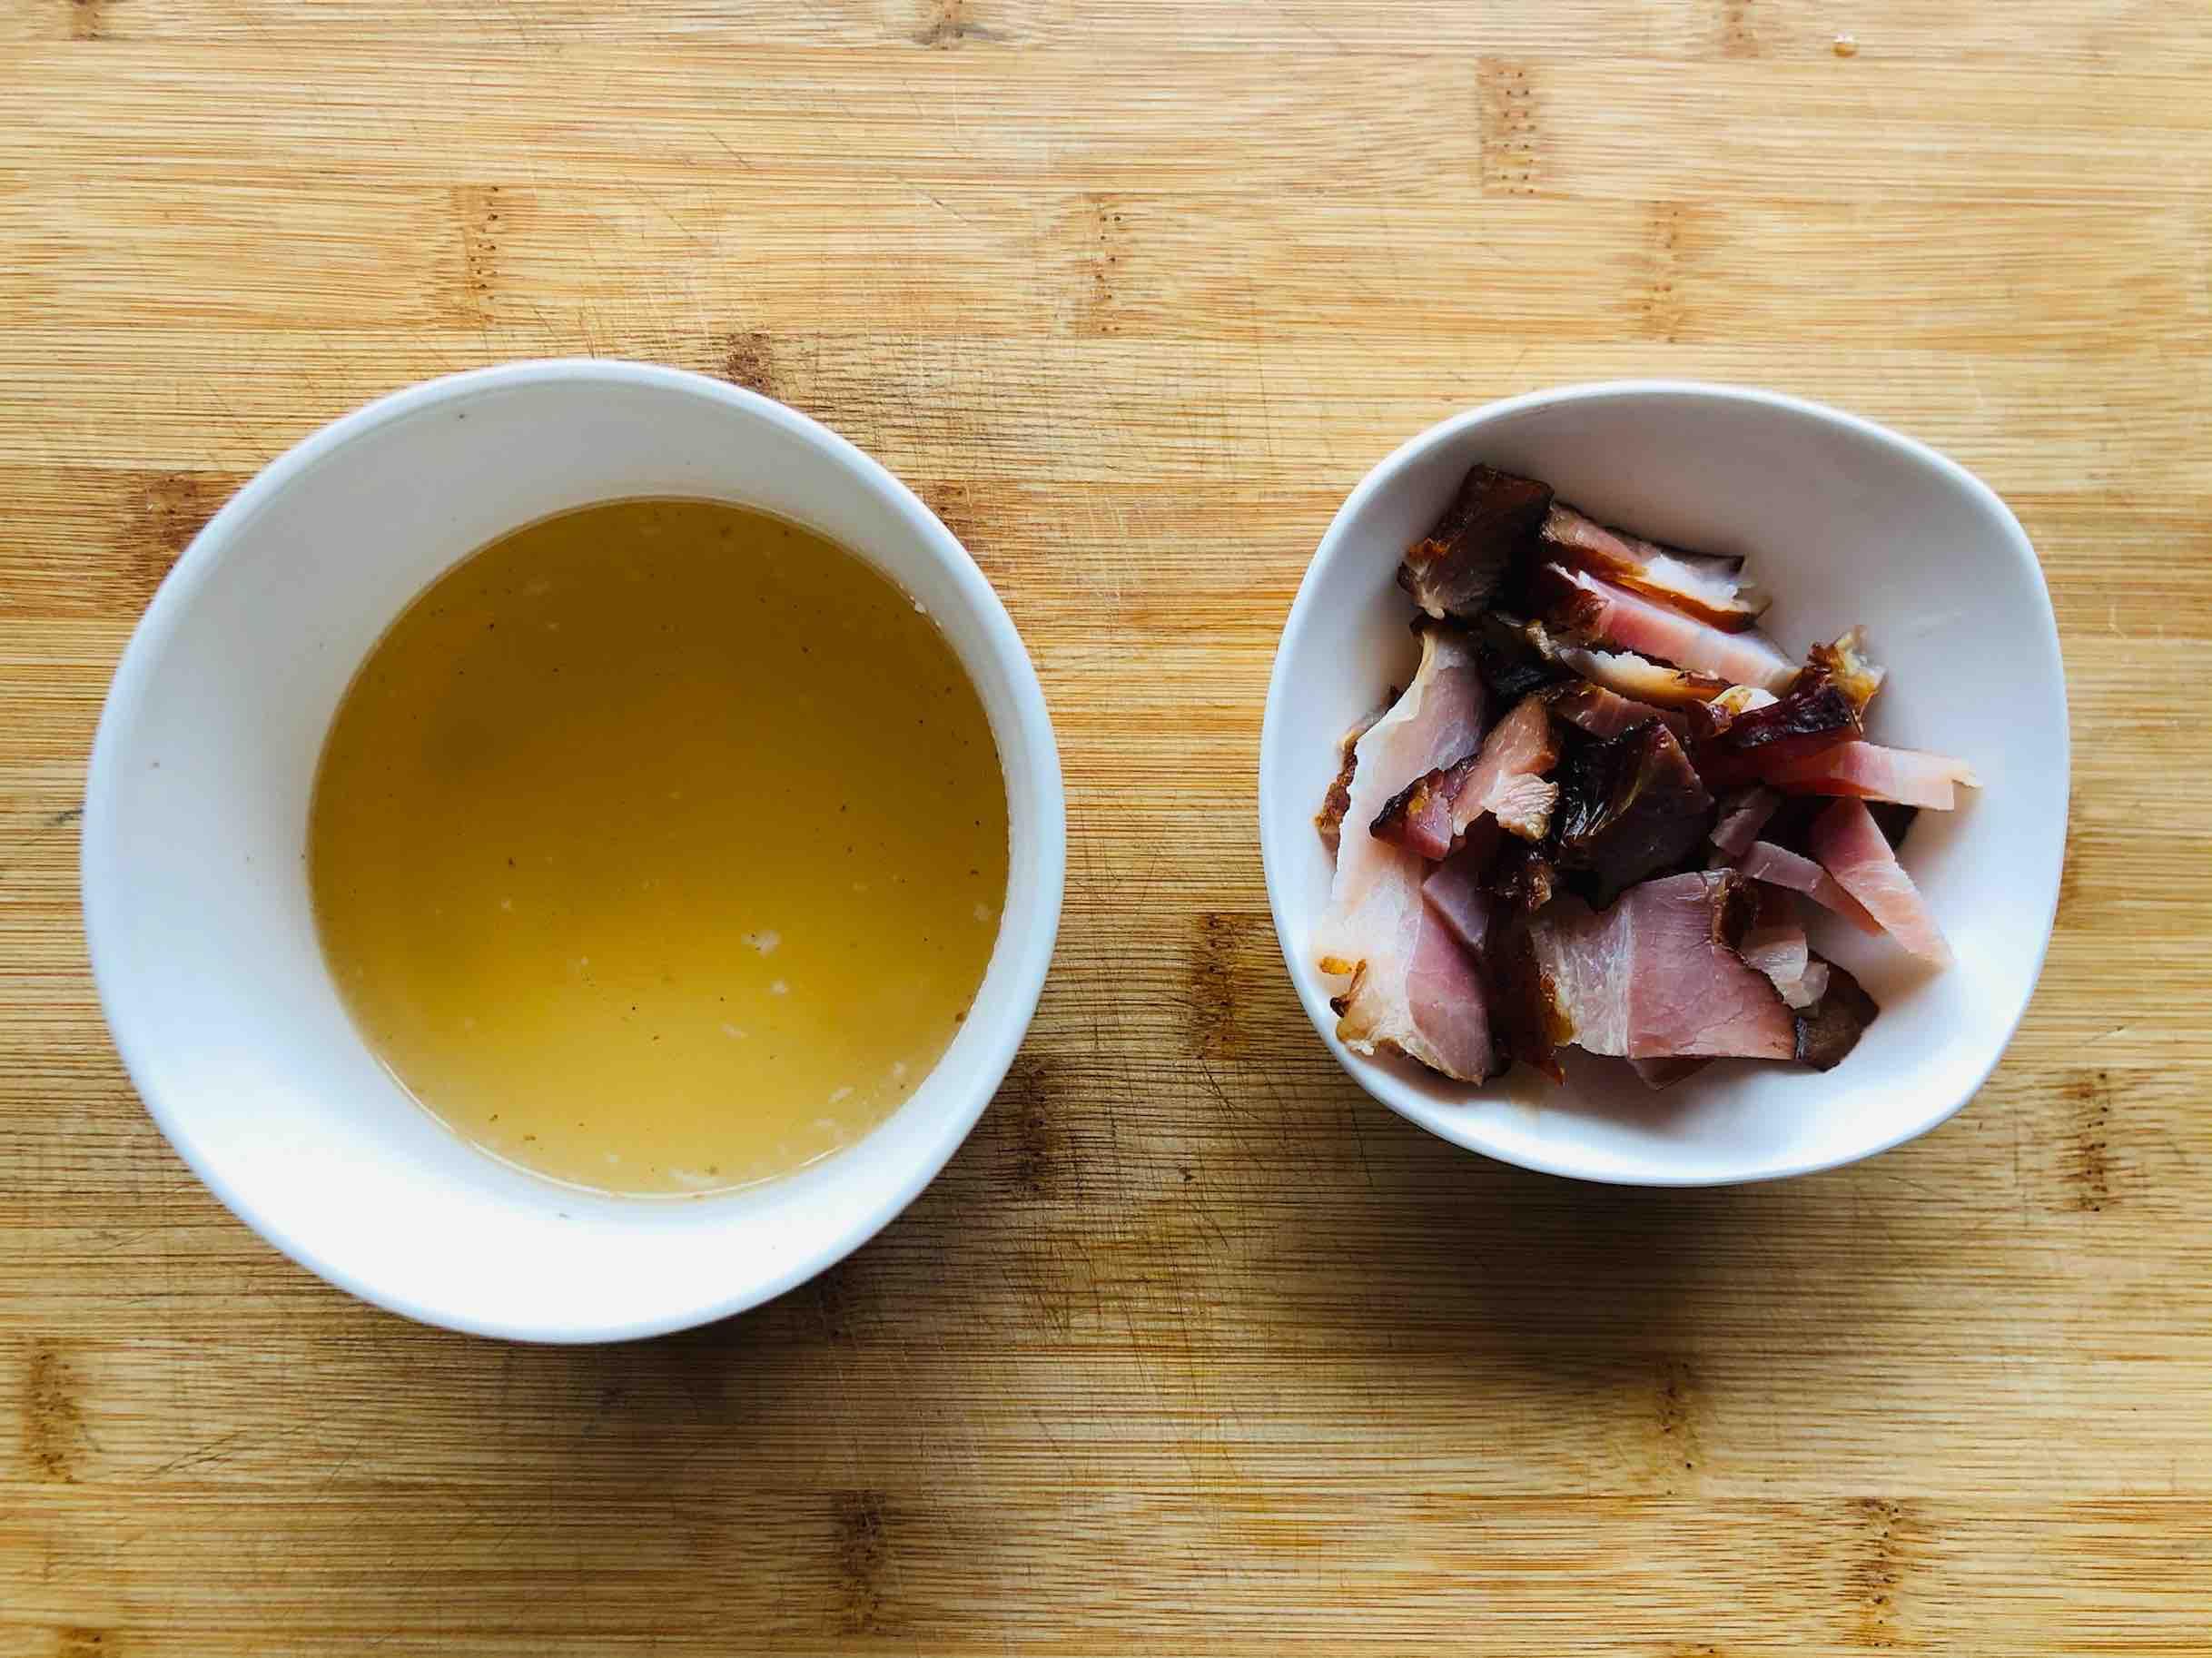 年夜饭快手下饭小炒:酸豆角炒腊肉的简单做法